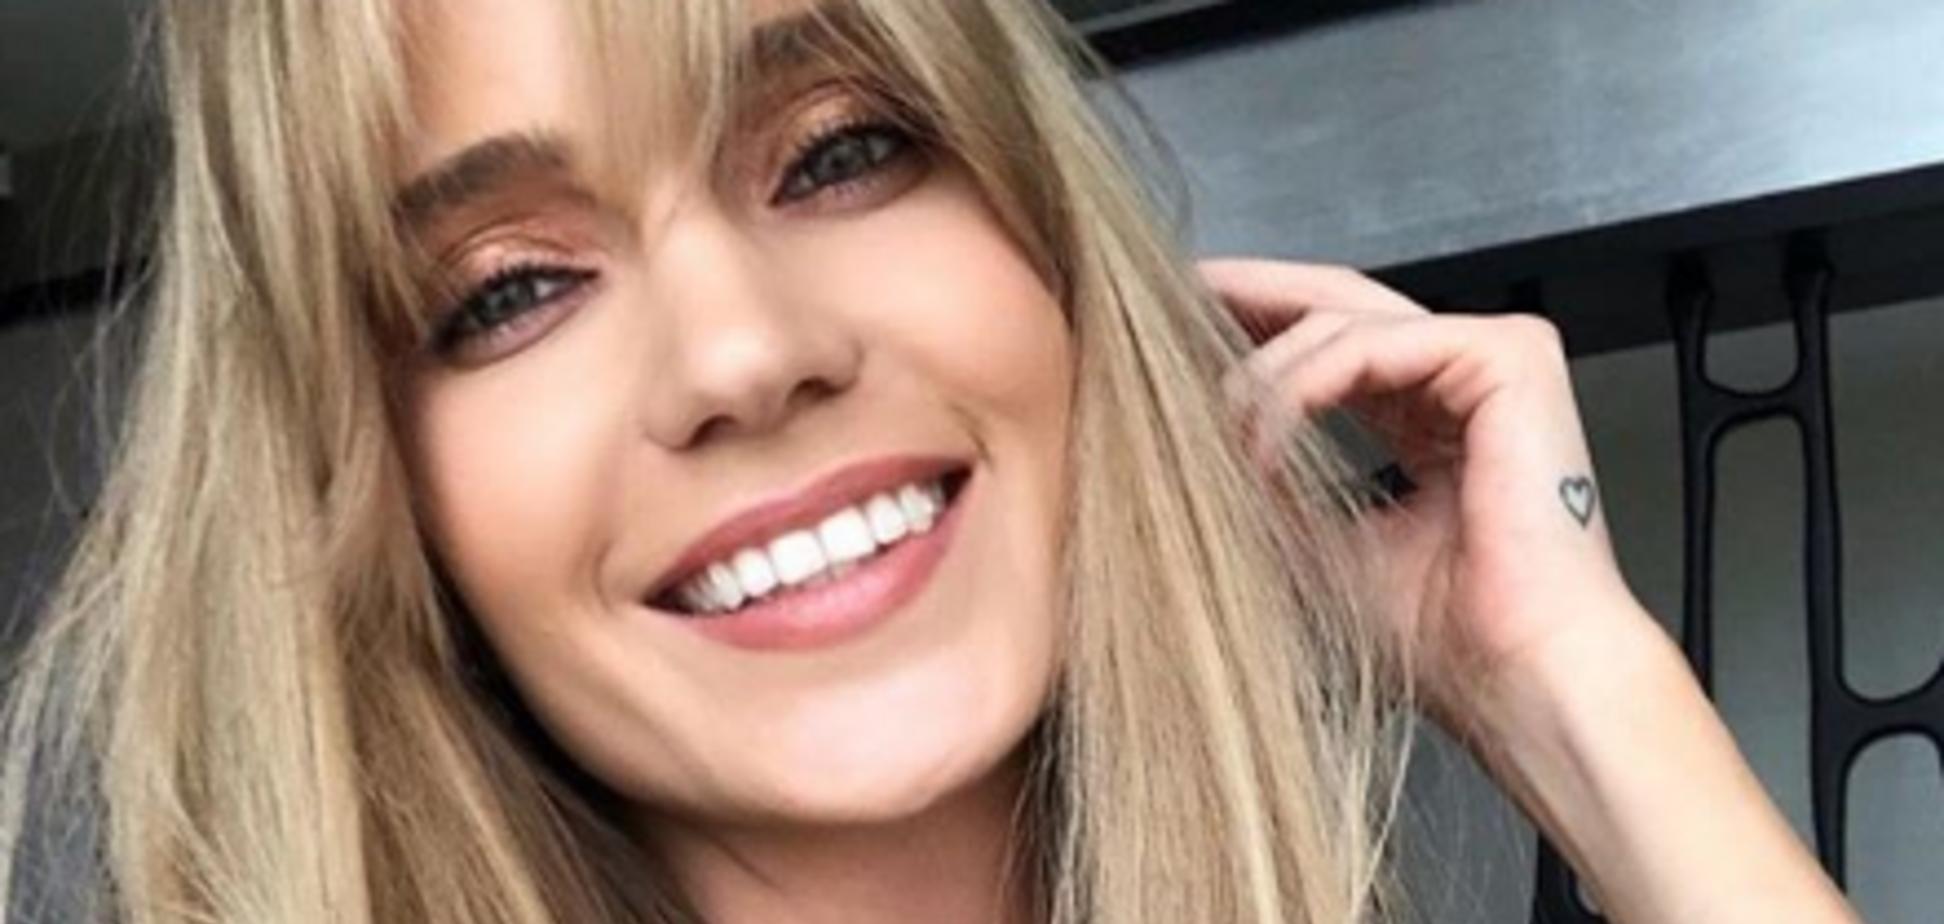 'Дуже вульгарно': російська співачка не втримала пишні груди в купальнику